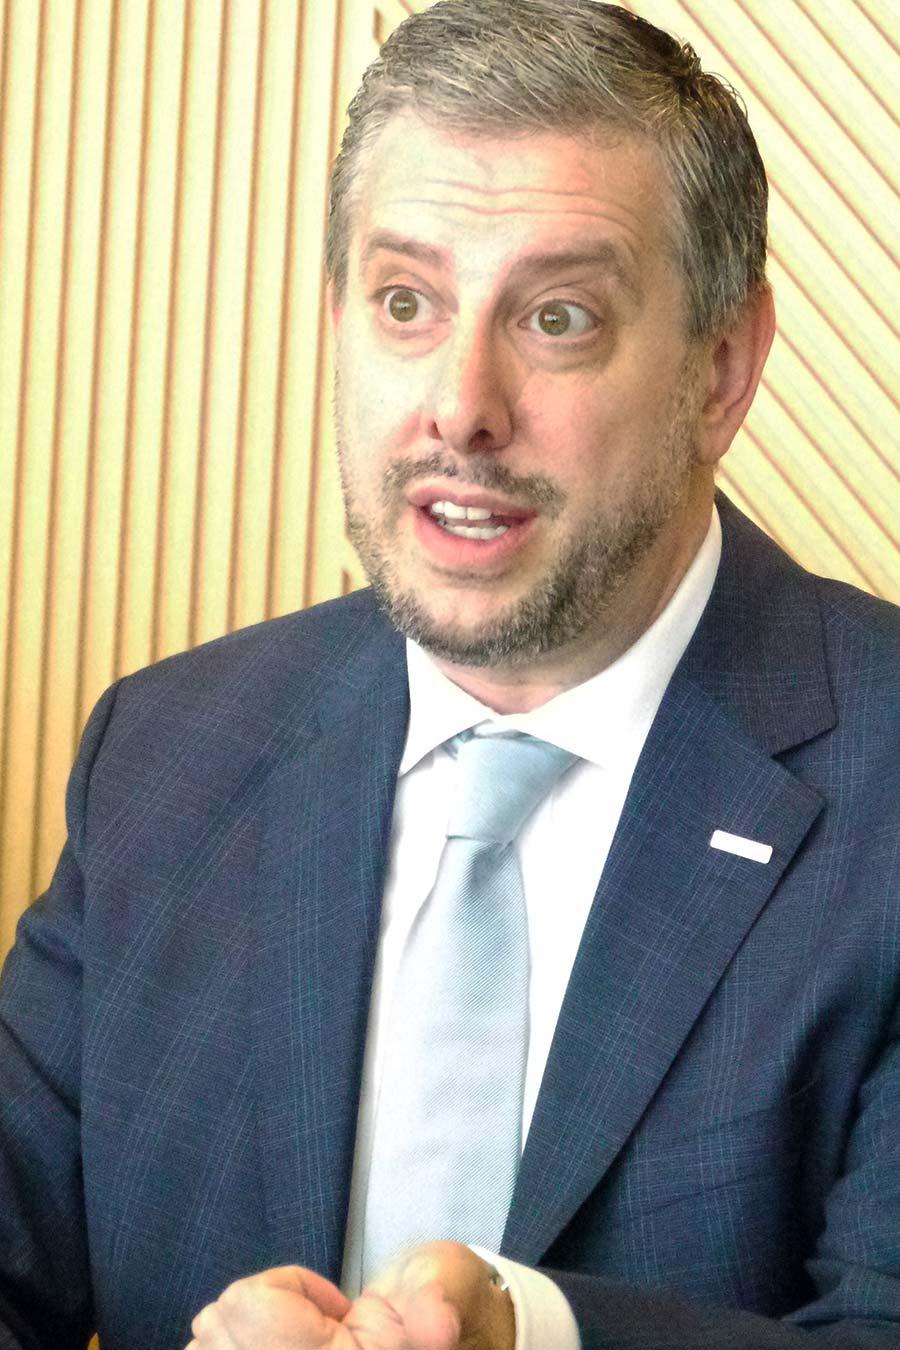 ノバルティスのオンコロジージャパン・プレジデント、ブライアン・グラッツデン氏によると、夏から国内の医